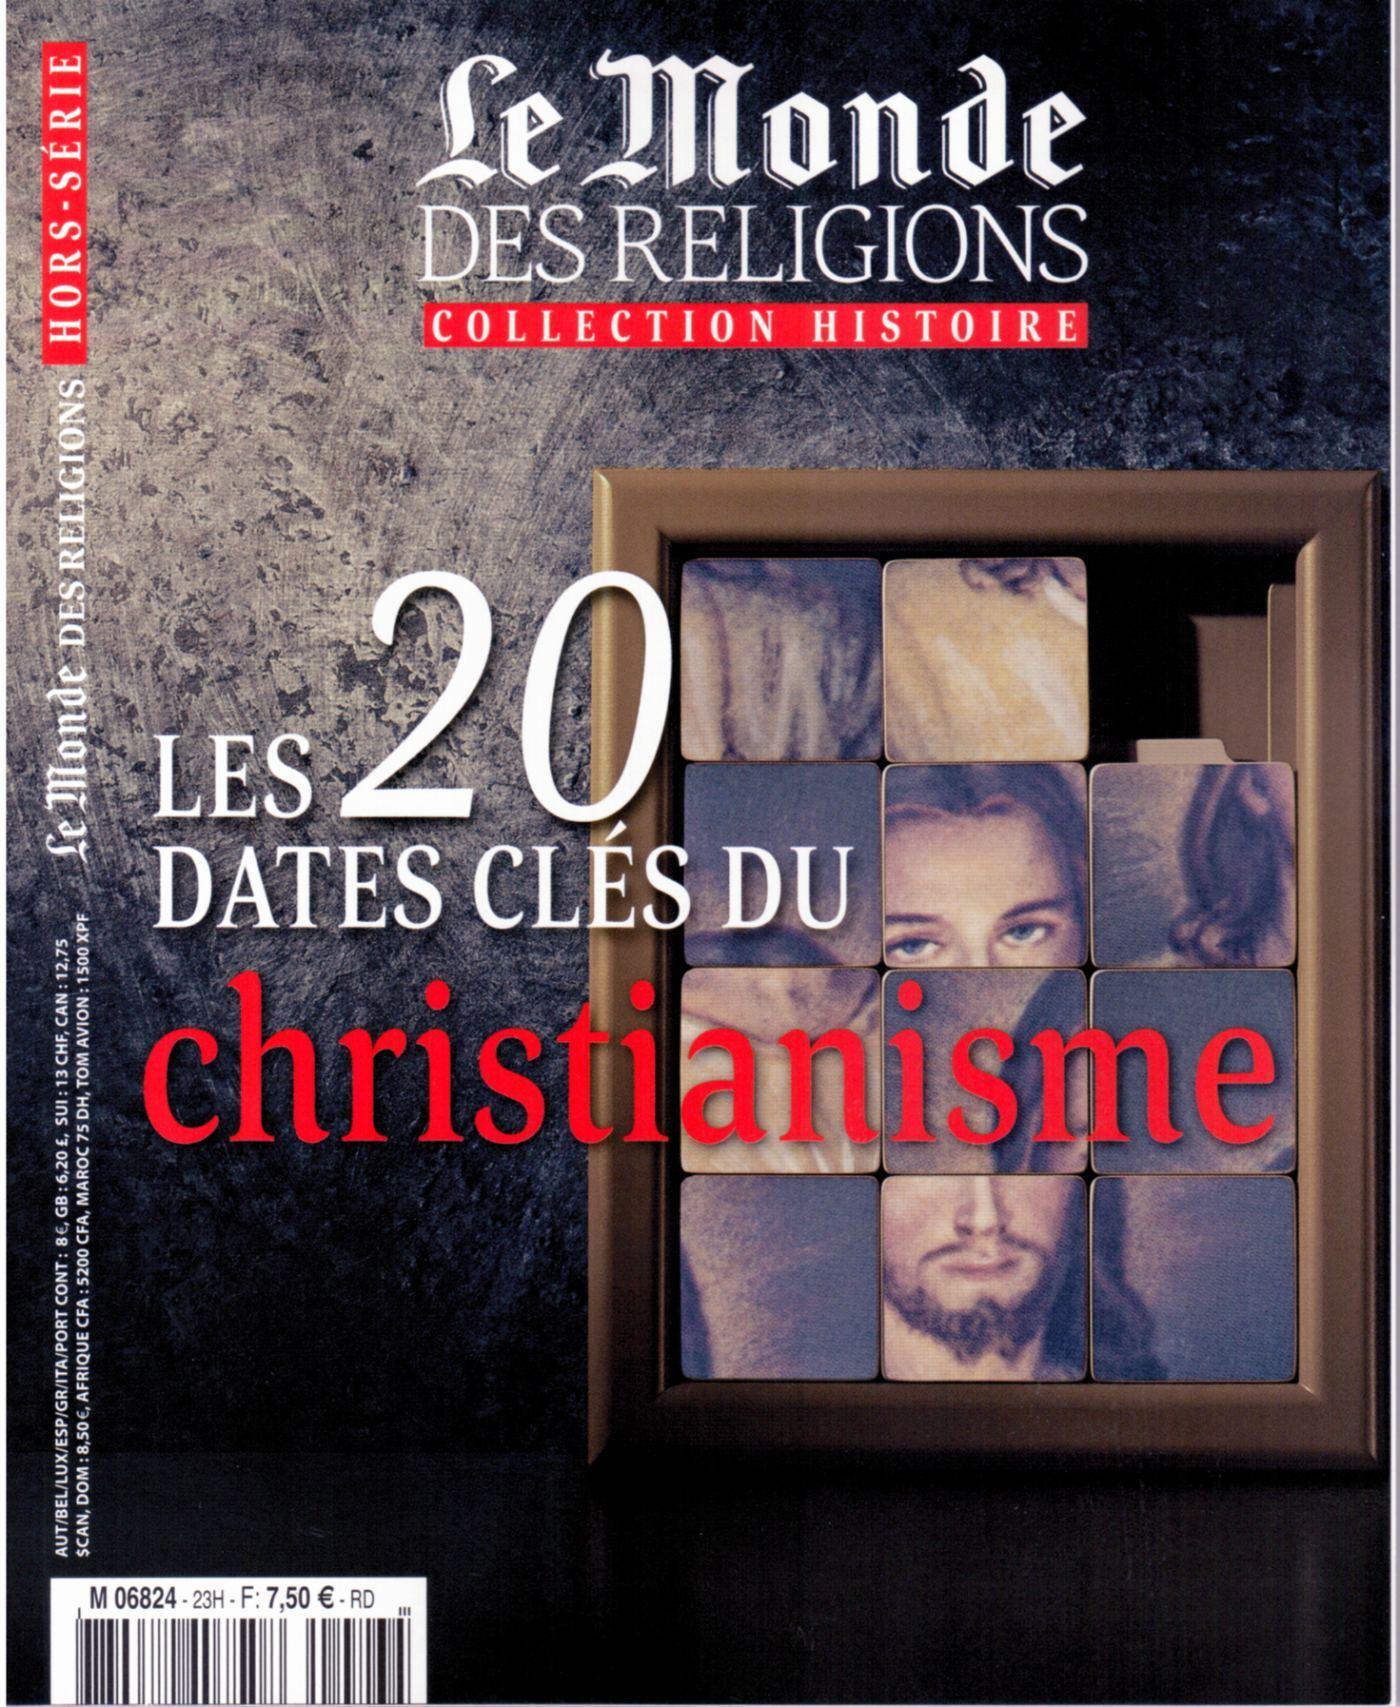 HS LES 20 DATES CLES DU CHRISTIANISME